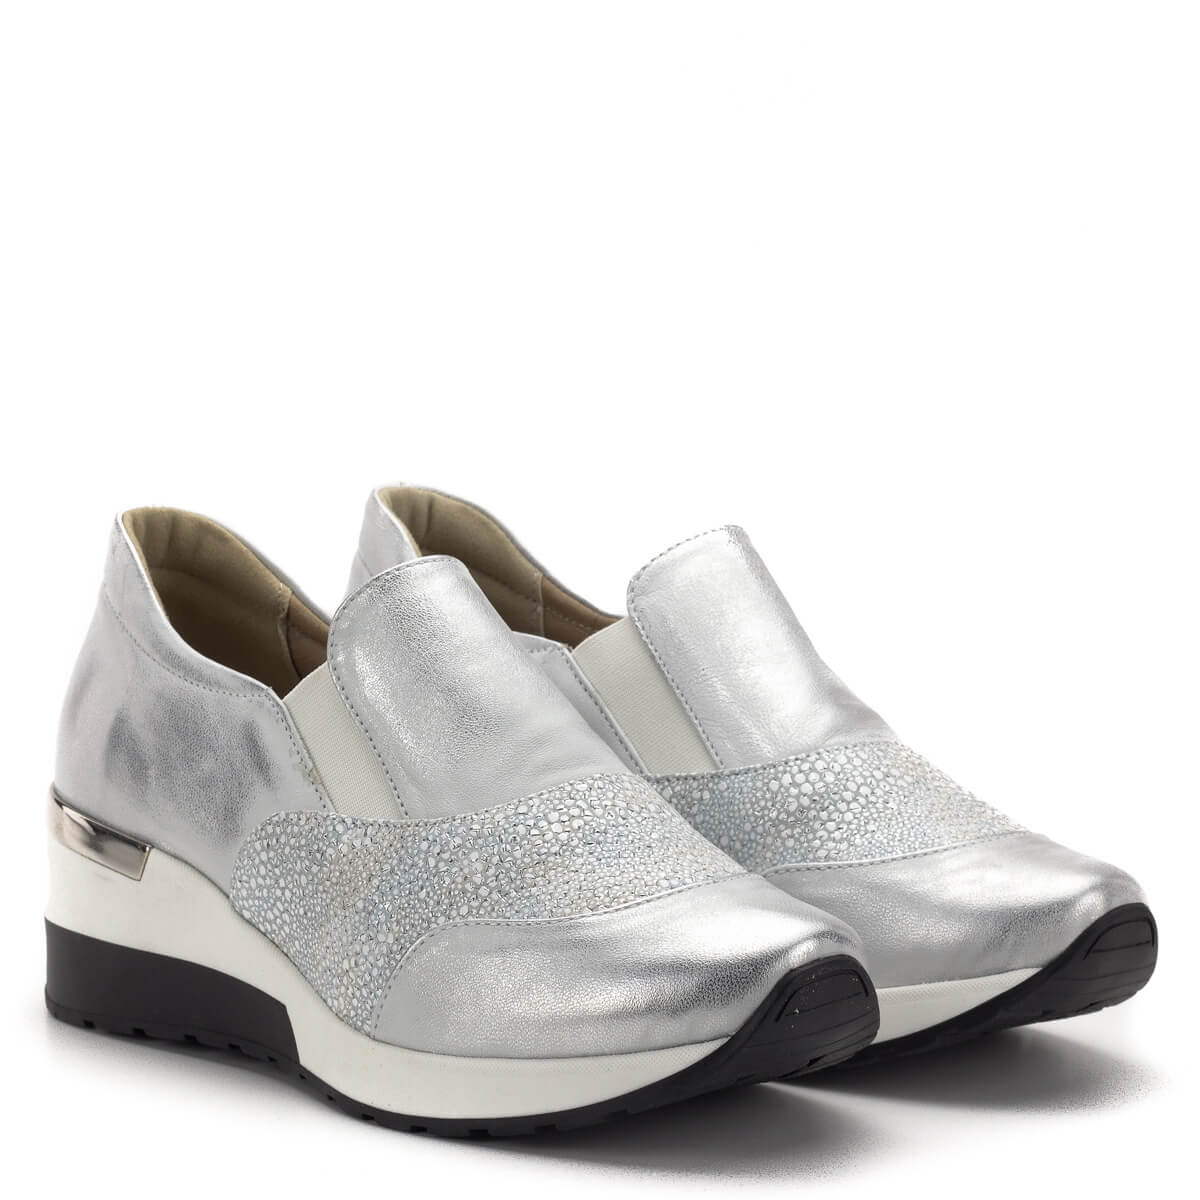 e07ff56c6d Carla Ricci cipő vastag gumi talppal ezüst színben. A cipő orrán és  oldalában strukturált bőr ...